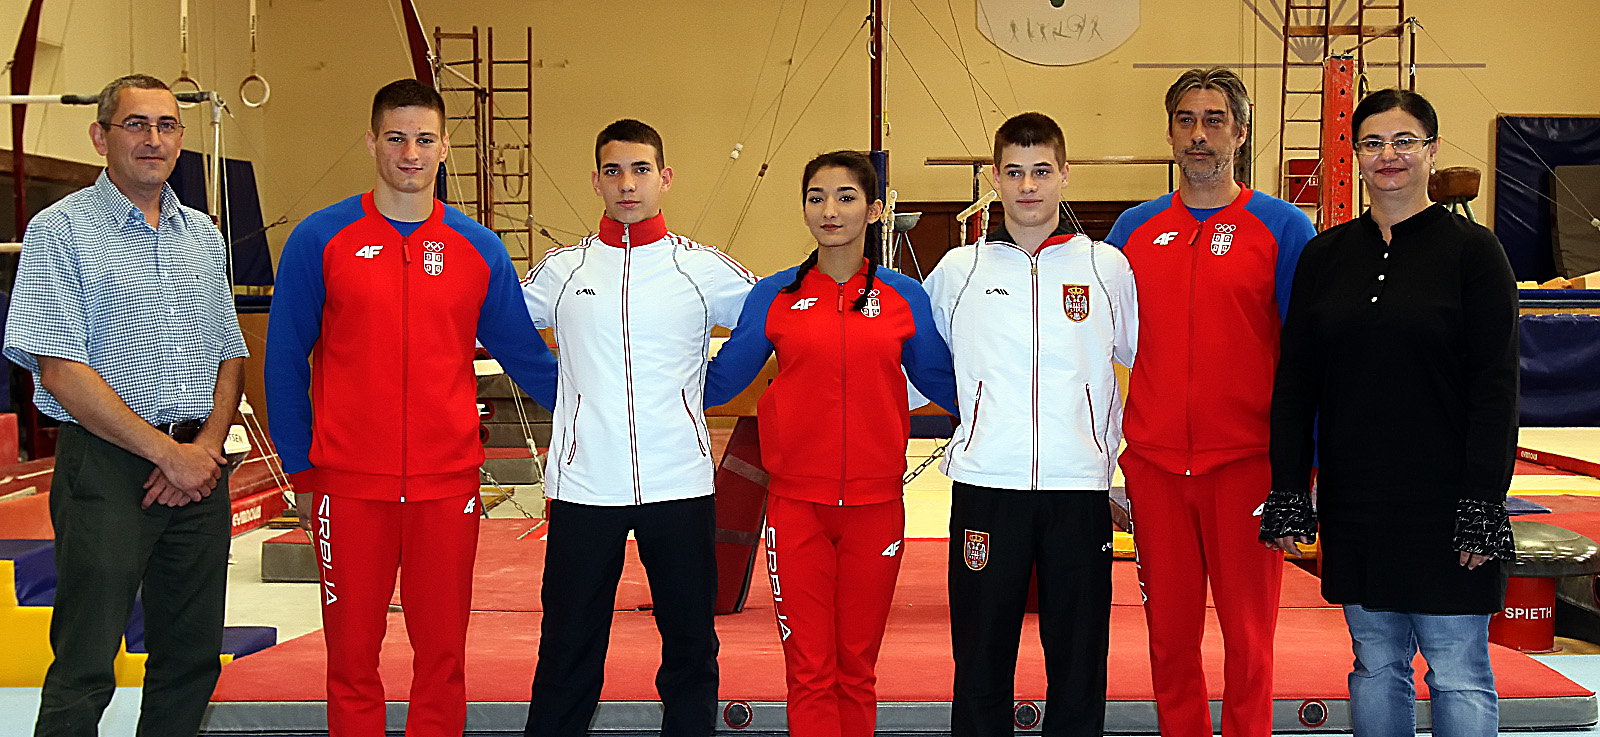 Miroslav Kovacev,Bojan Dejanovic,Stefan Veselinovic,Tamara Mrdjenovic,Vlada Rakovic,Aleksandar Pandurov i Aleksandra Ristic